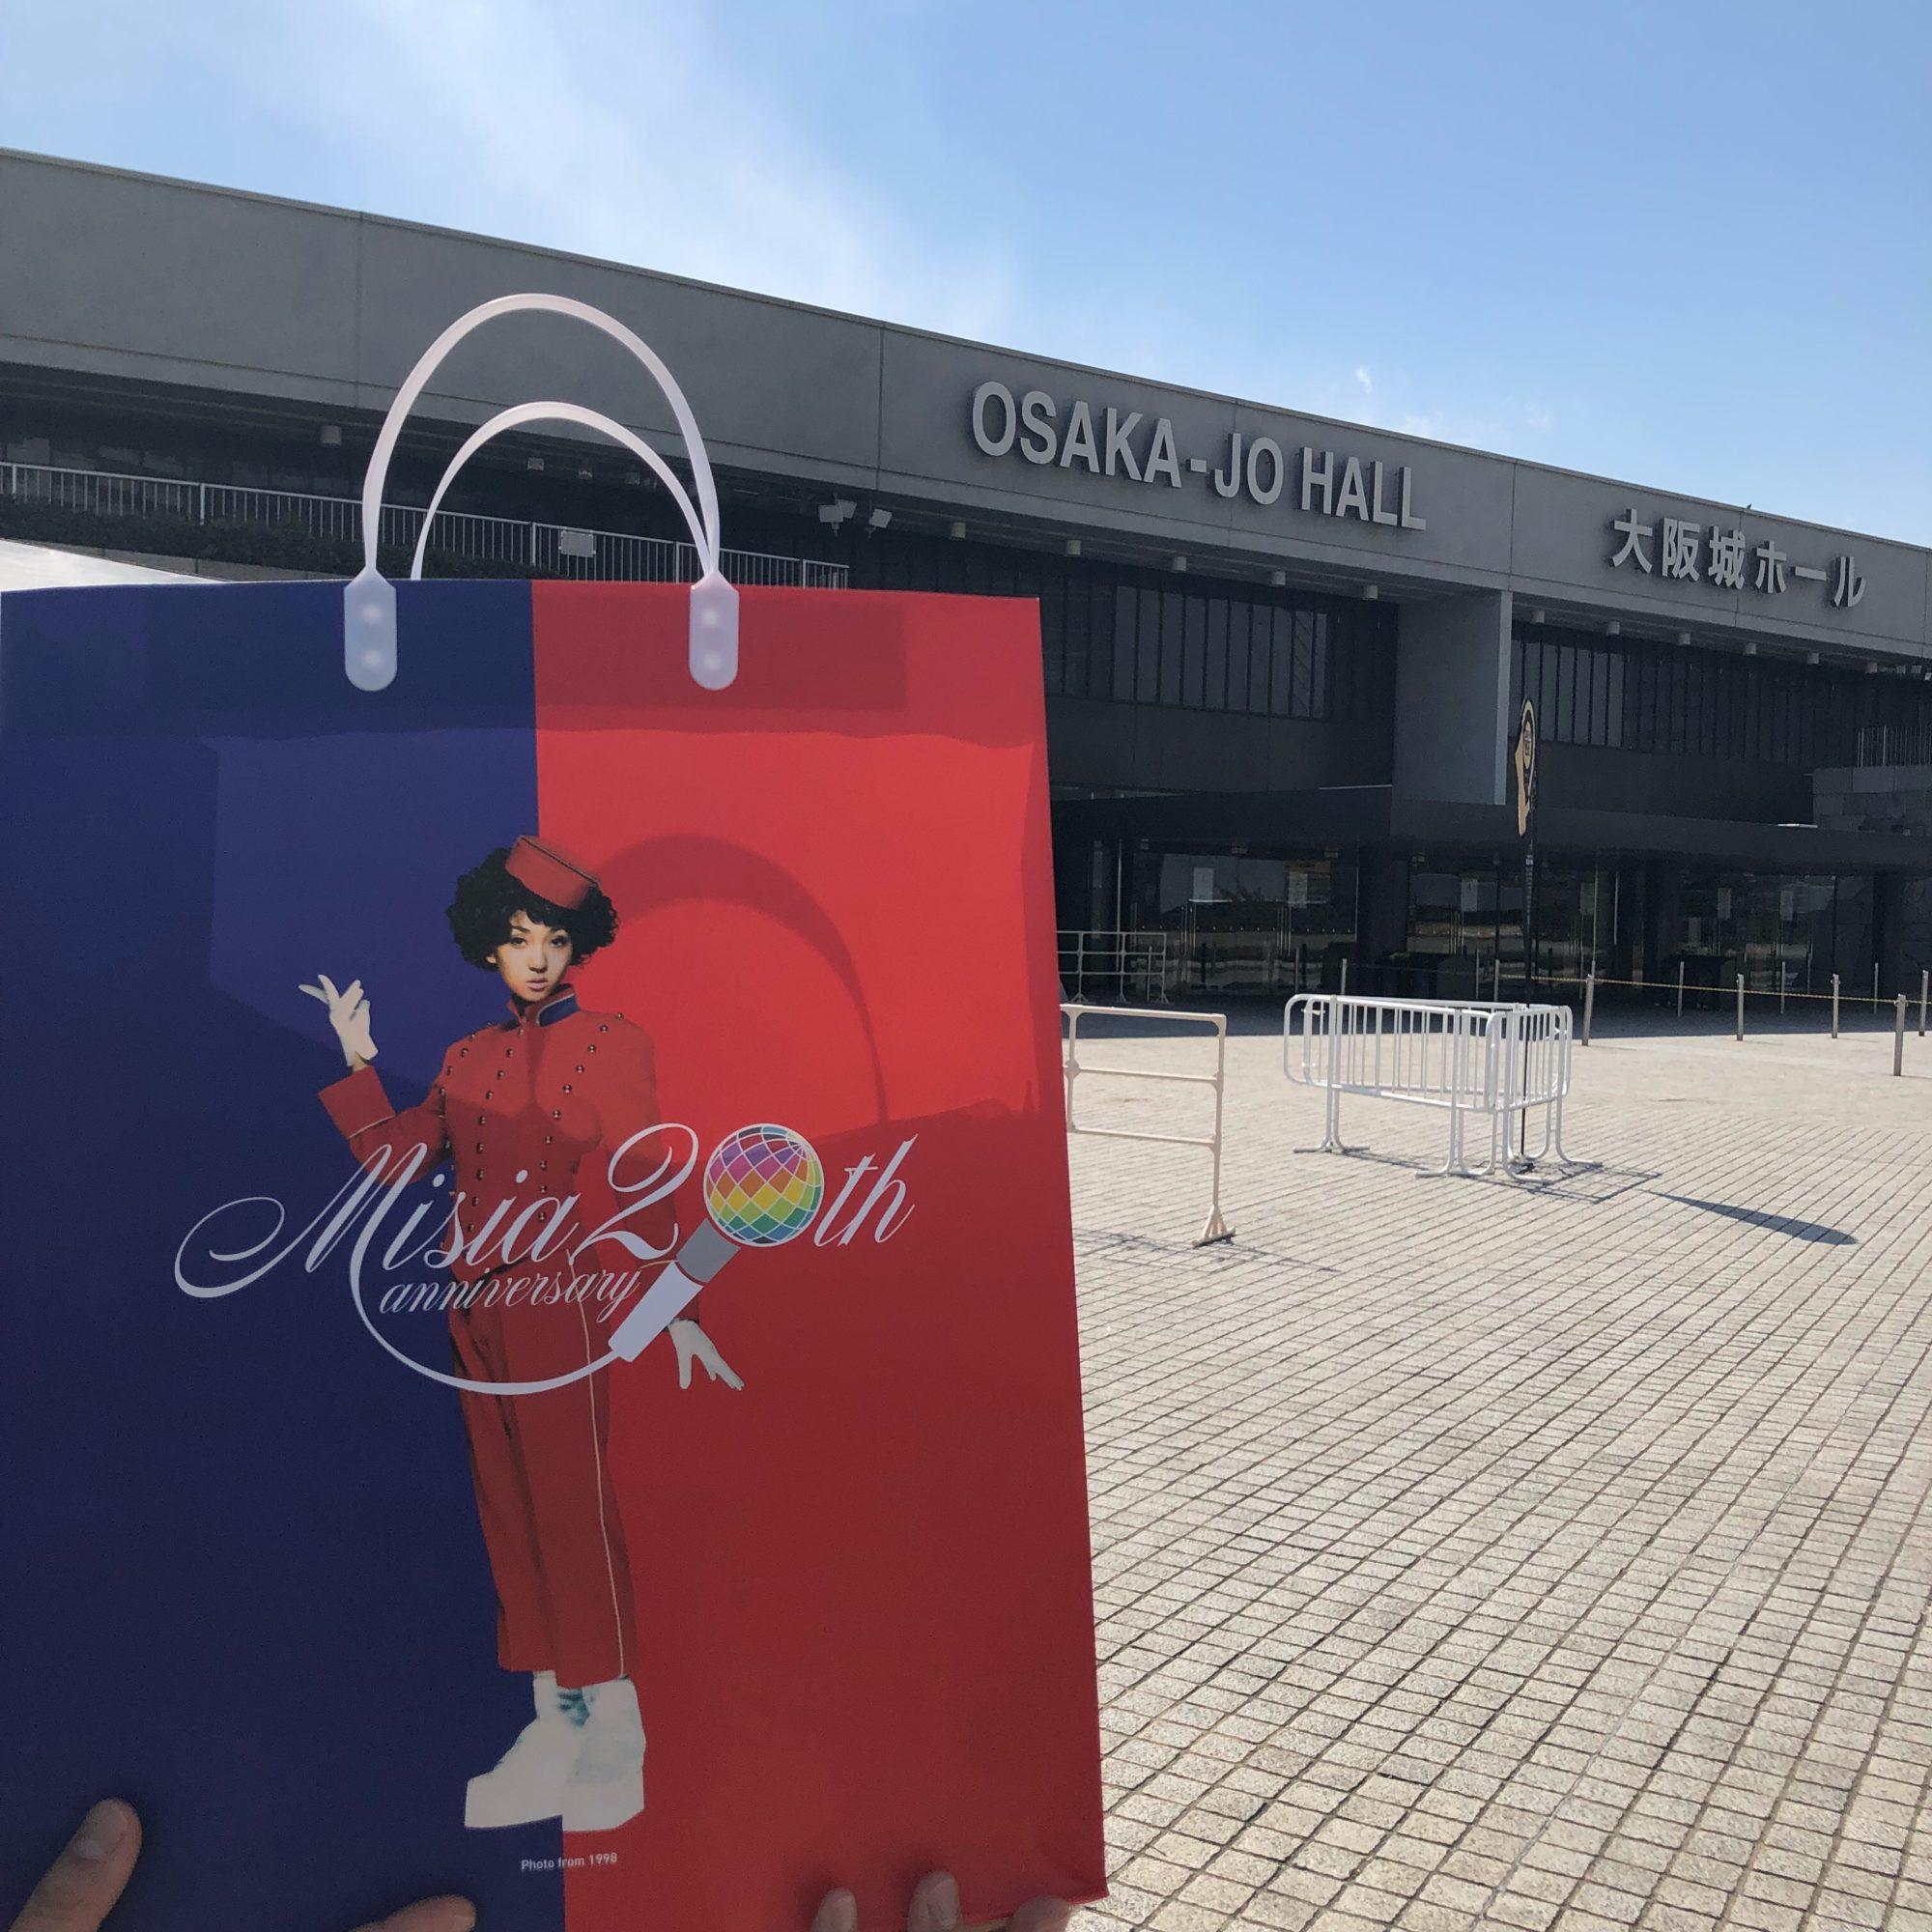 大阪城ホール前がすごい!!オシャレエリアに大変身〜cafe gramのパンケーキとMISIA20周年ライブを楽しむ〜